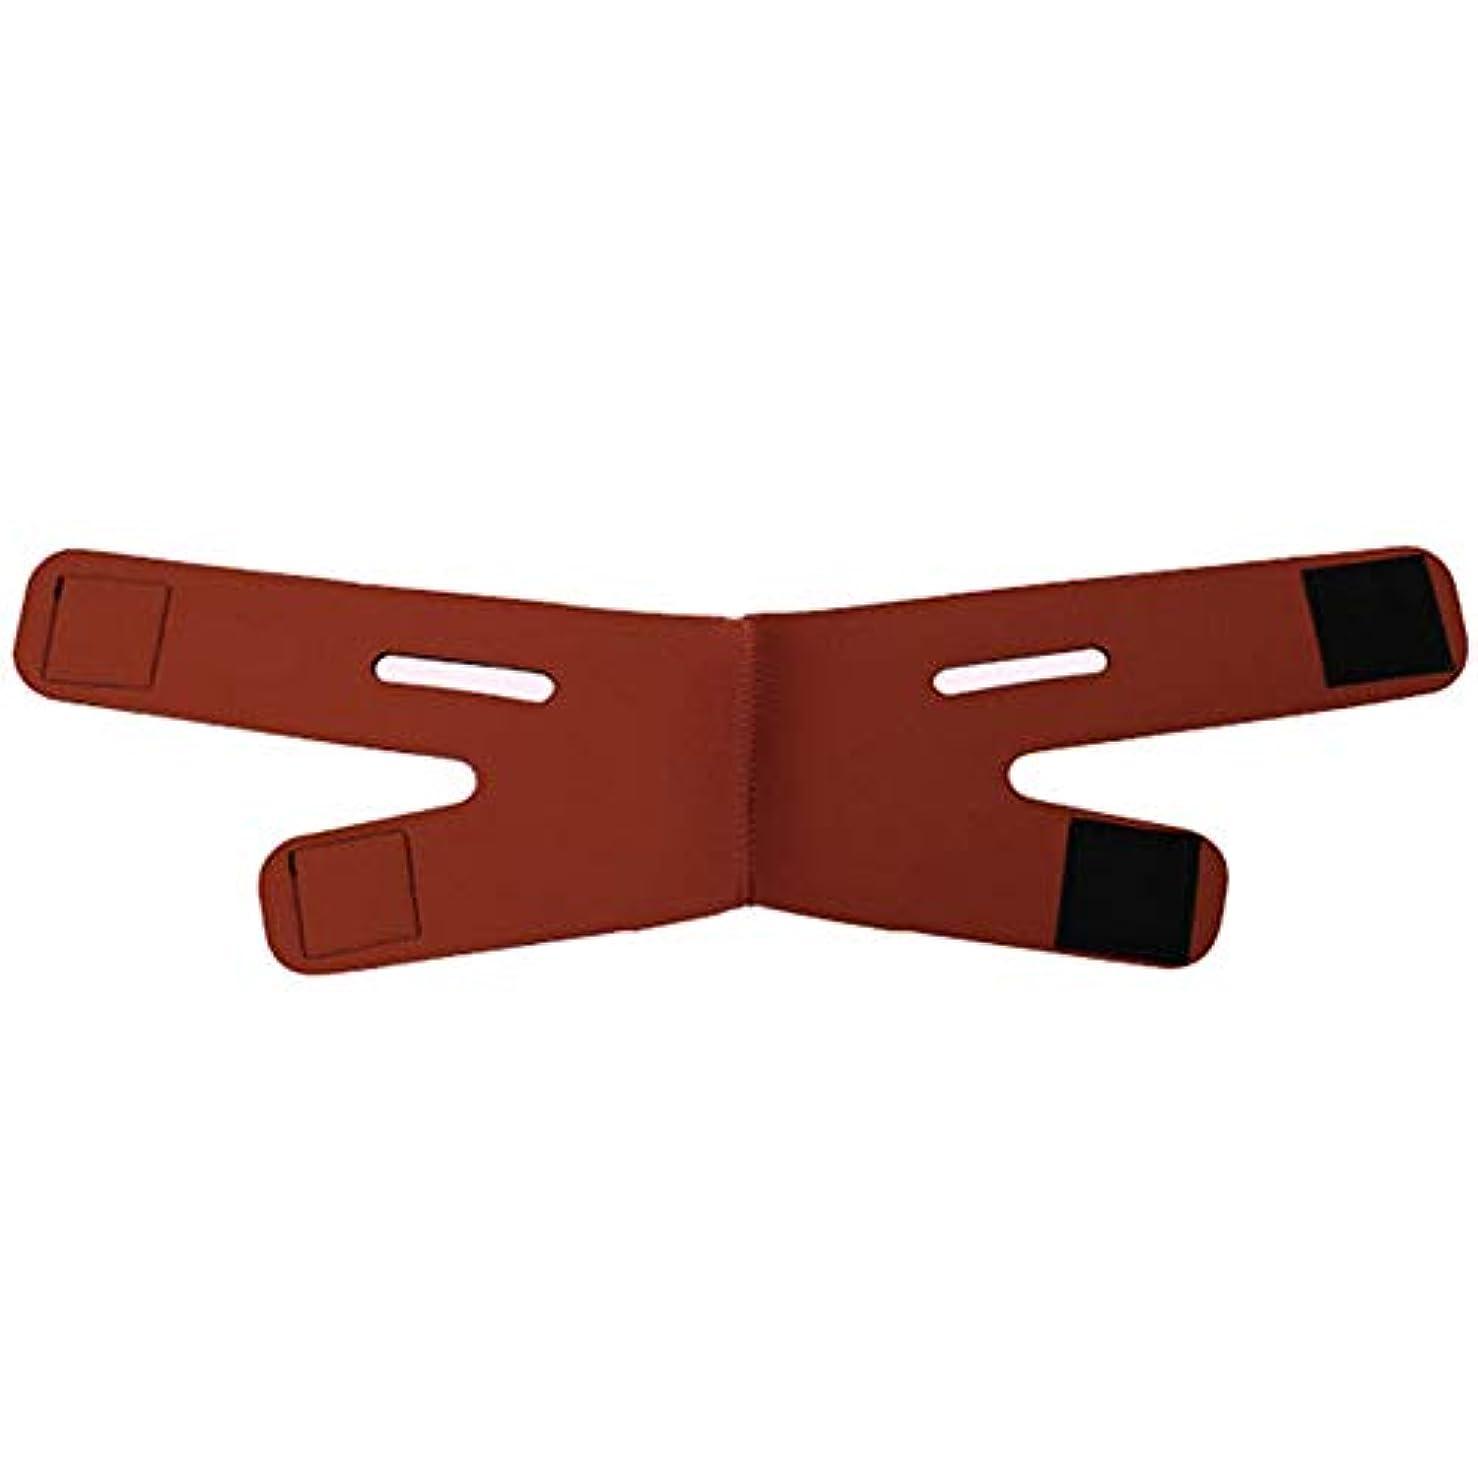 ホテル退院厳しい飛強強 フェイシャルリフティング痩身ベルト圧縮二重あご減量ベルトスキンケア薄い顔包帯二重あごワークアウト スリムフィット美容ツール (Color : Red)